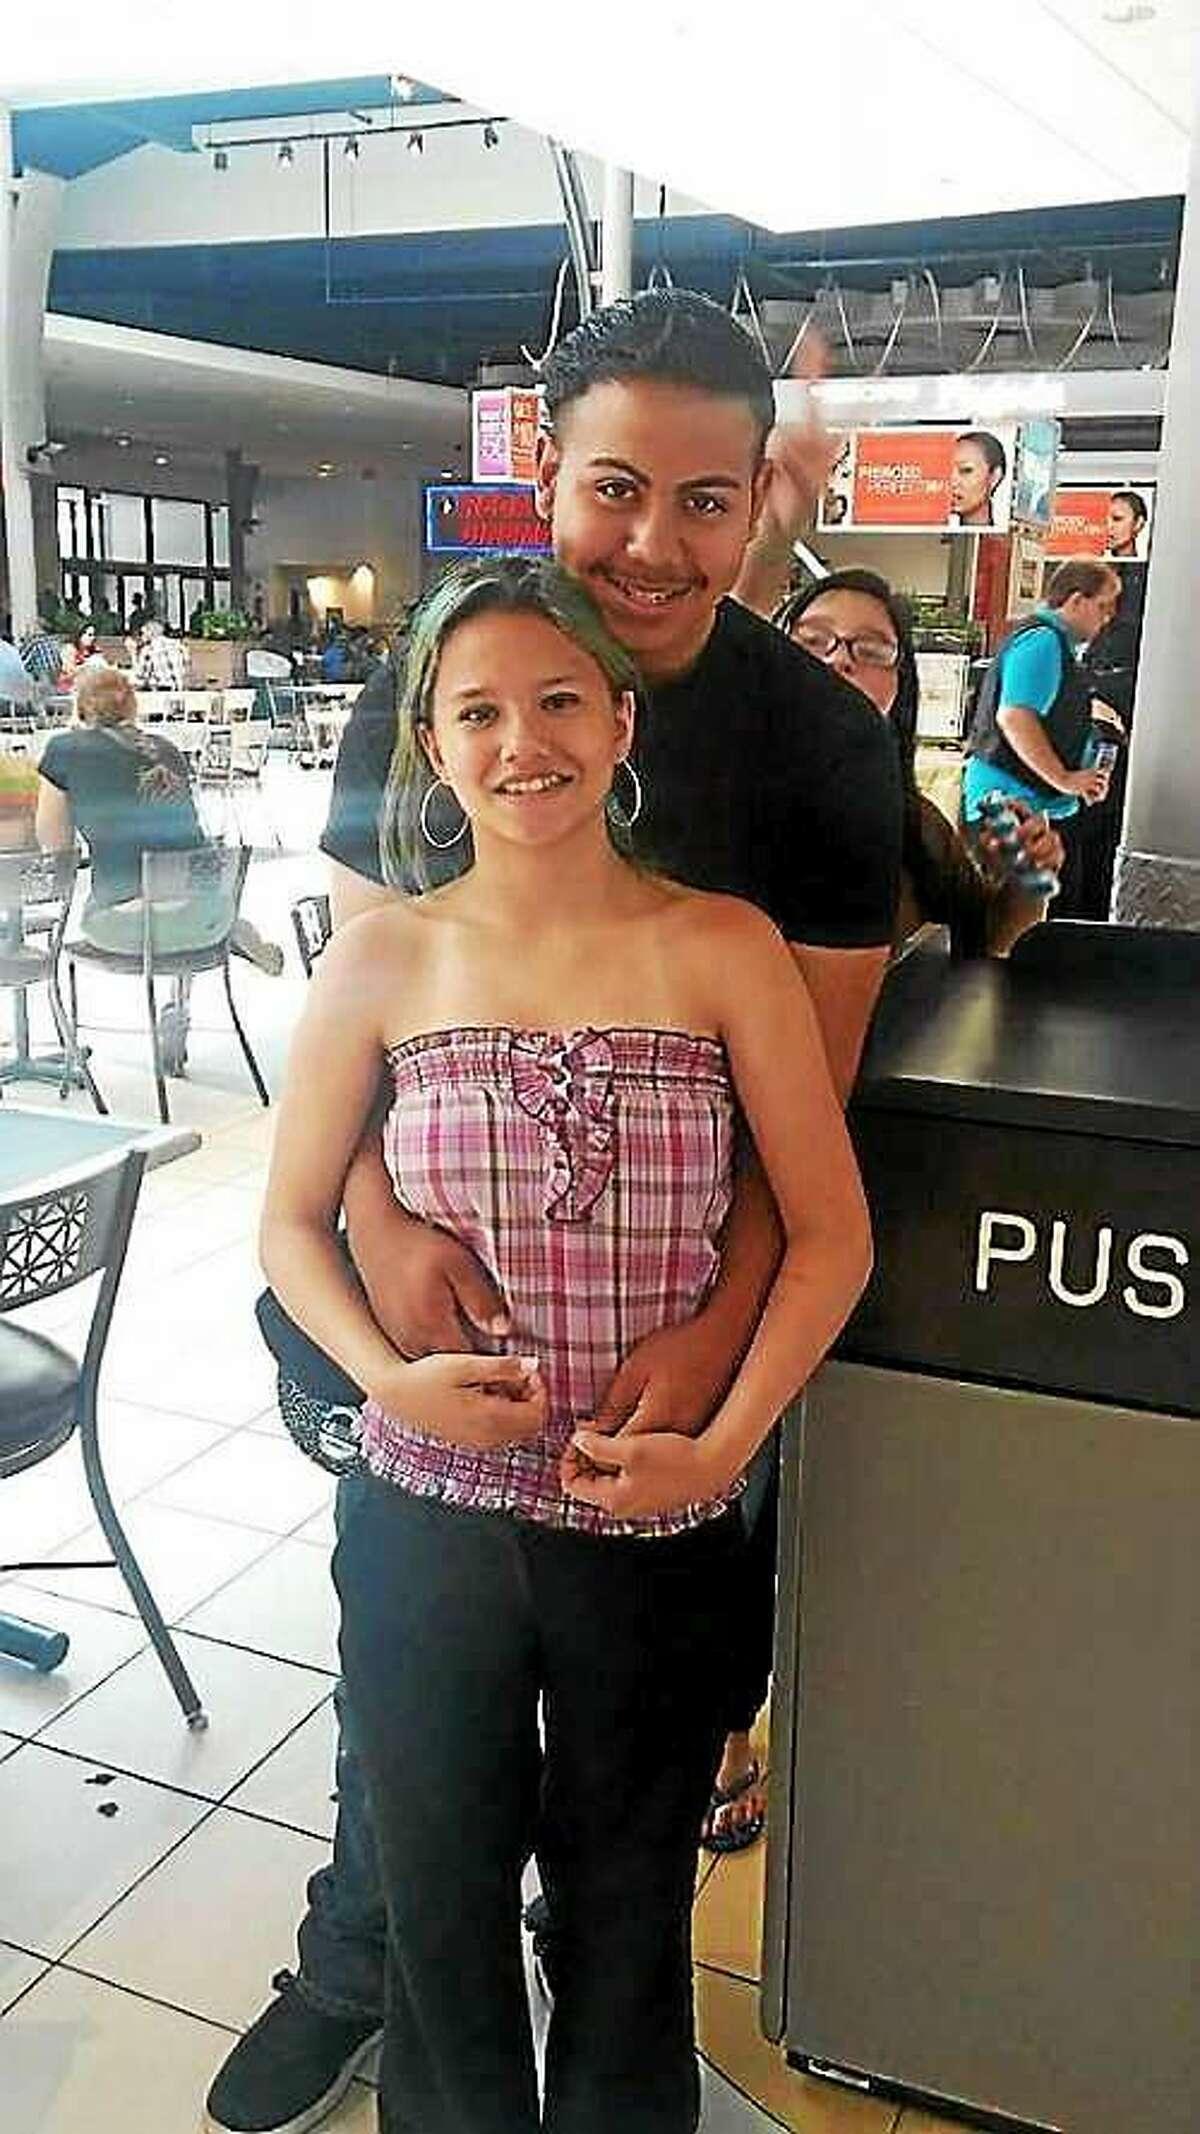 Alyssa Viveiros with boyfriend Vancasey Cuevas